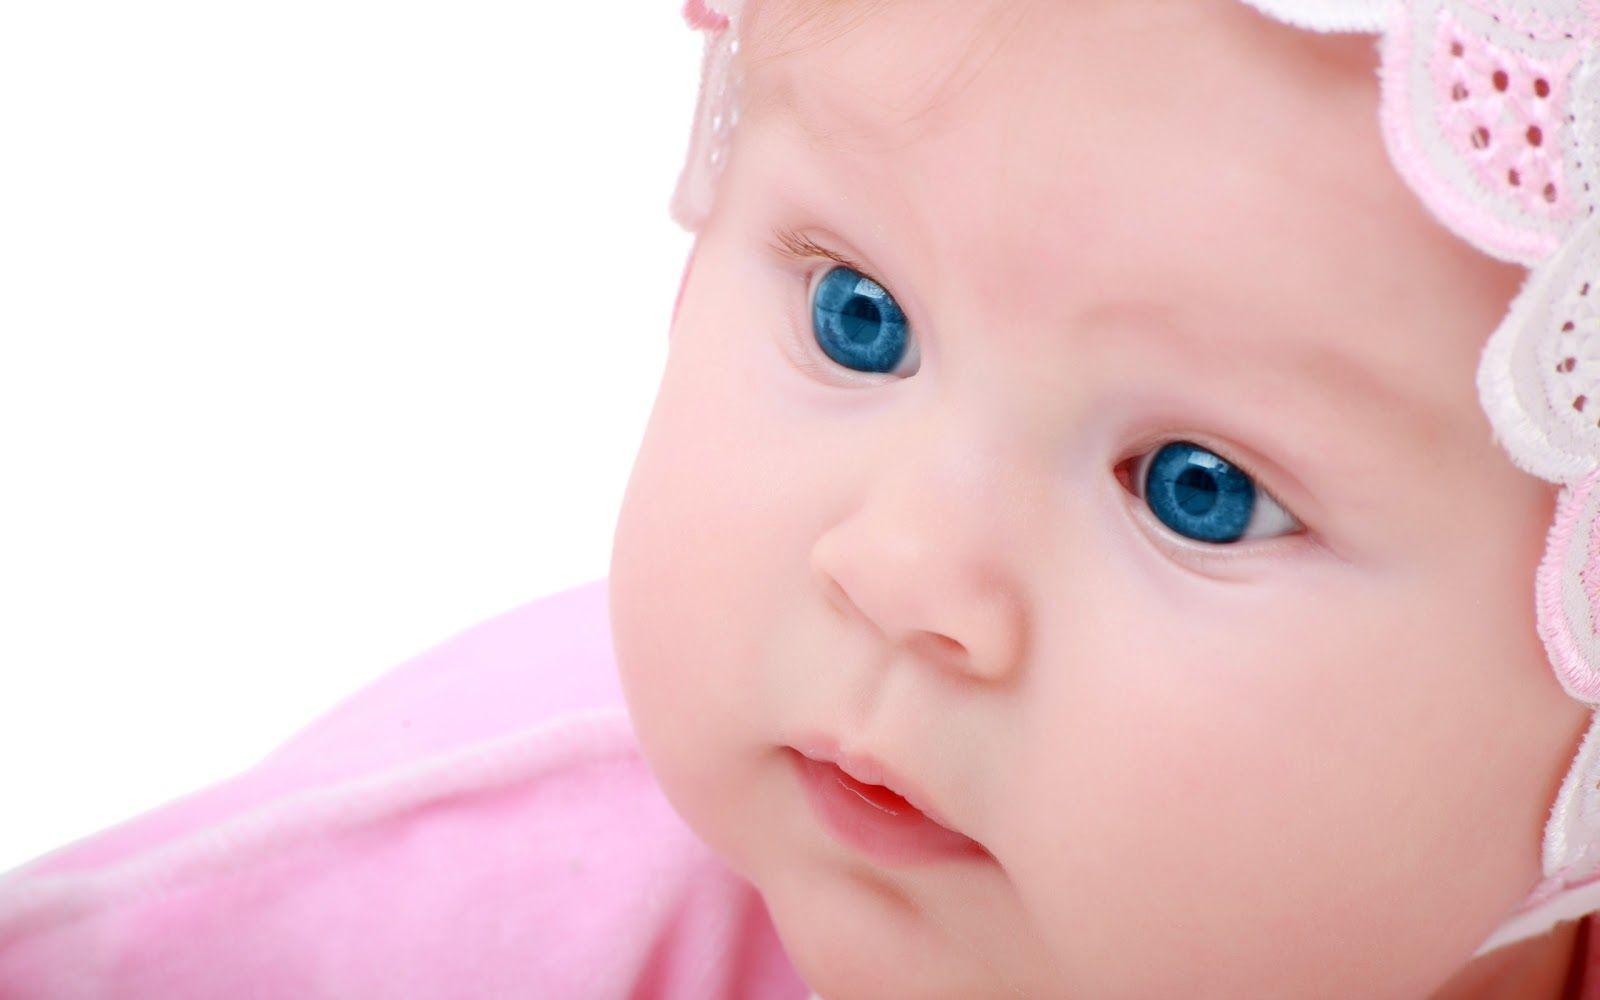 Gambar Bayi Lucu Unik Bergerak Imut Dan Cantik Kumpulan Gambar